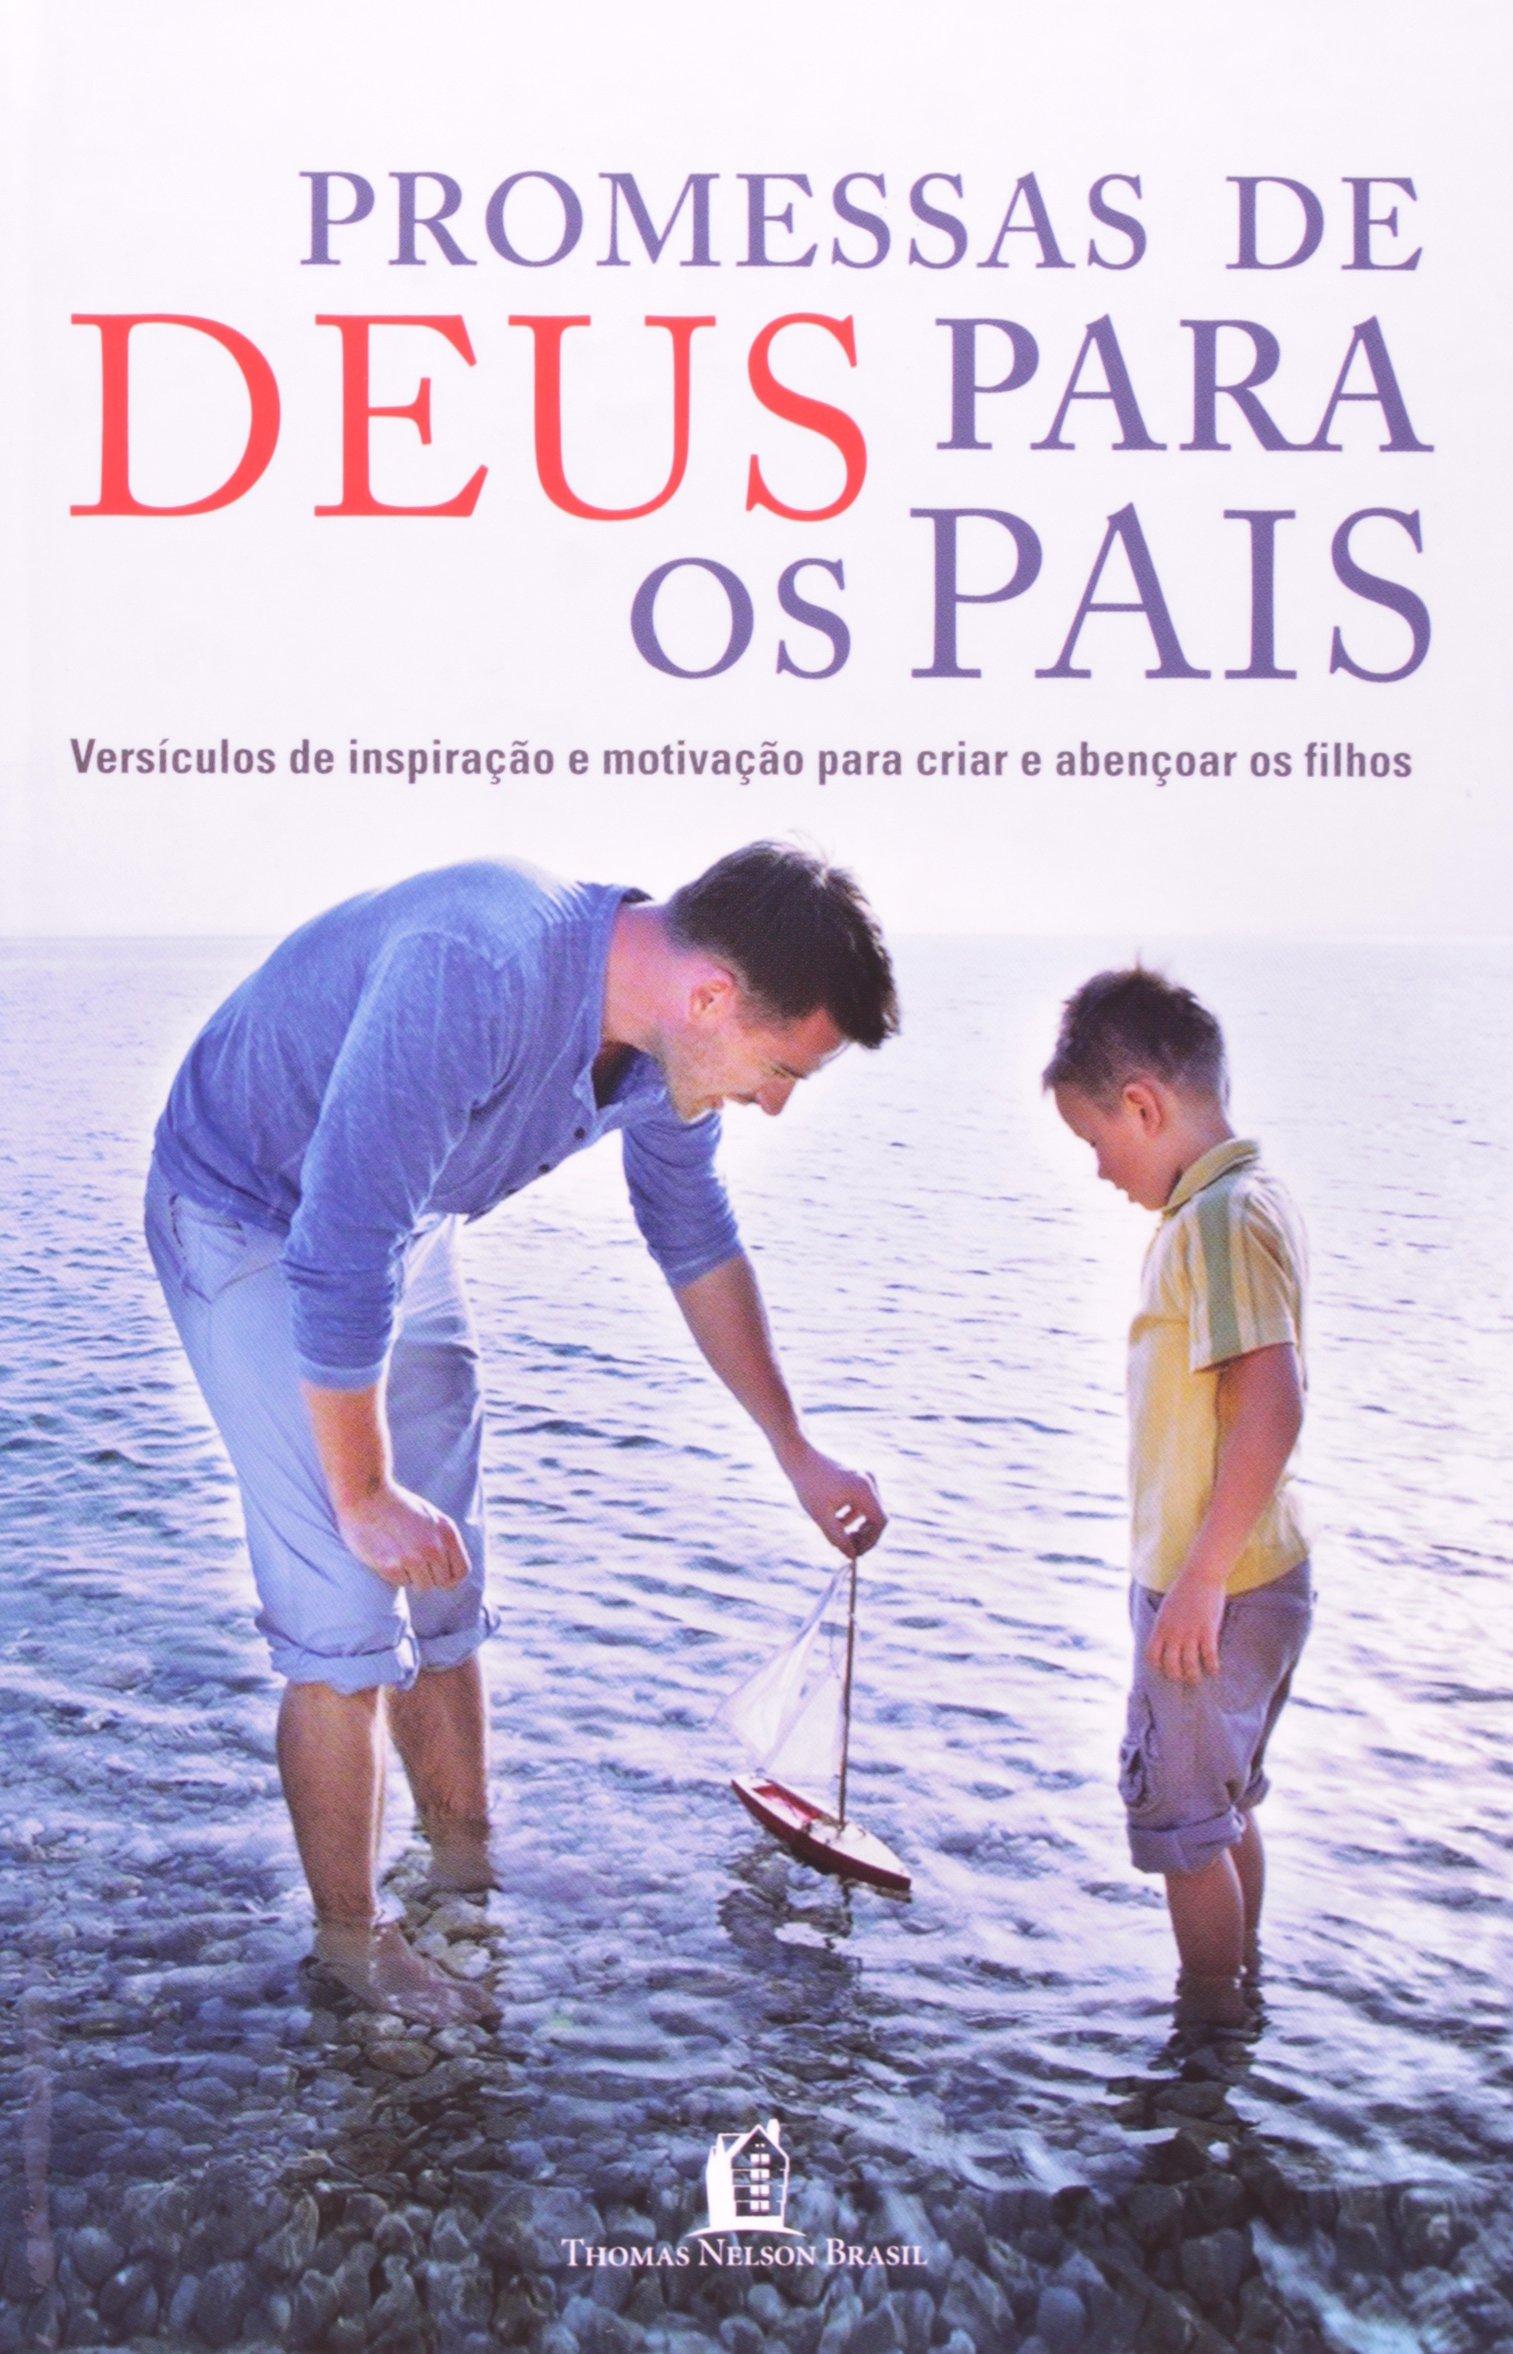 Promessa De Deus Para Os Pais: Jack Countryman: 9788578601980: Amazon.com: Books